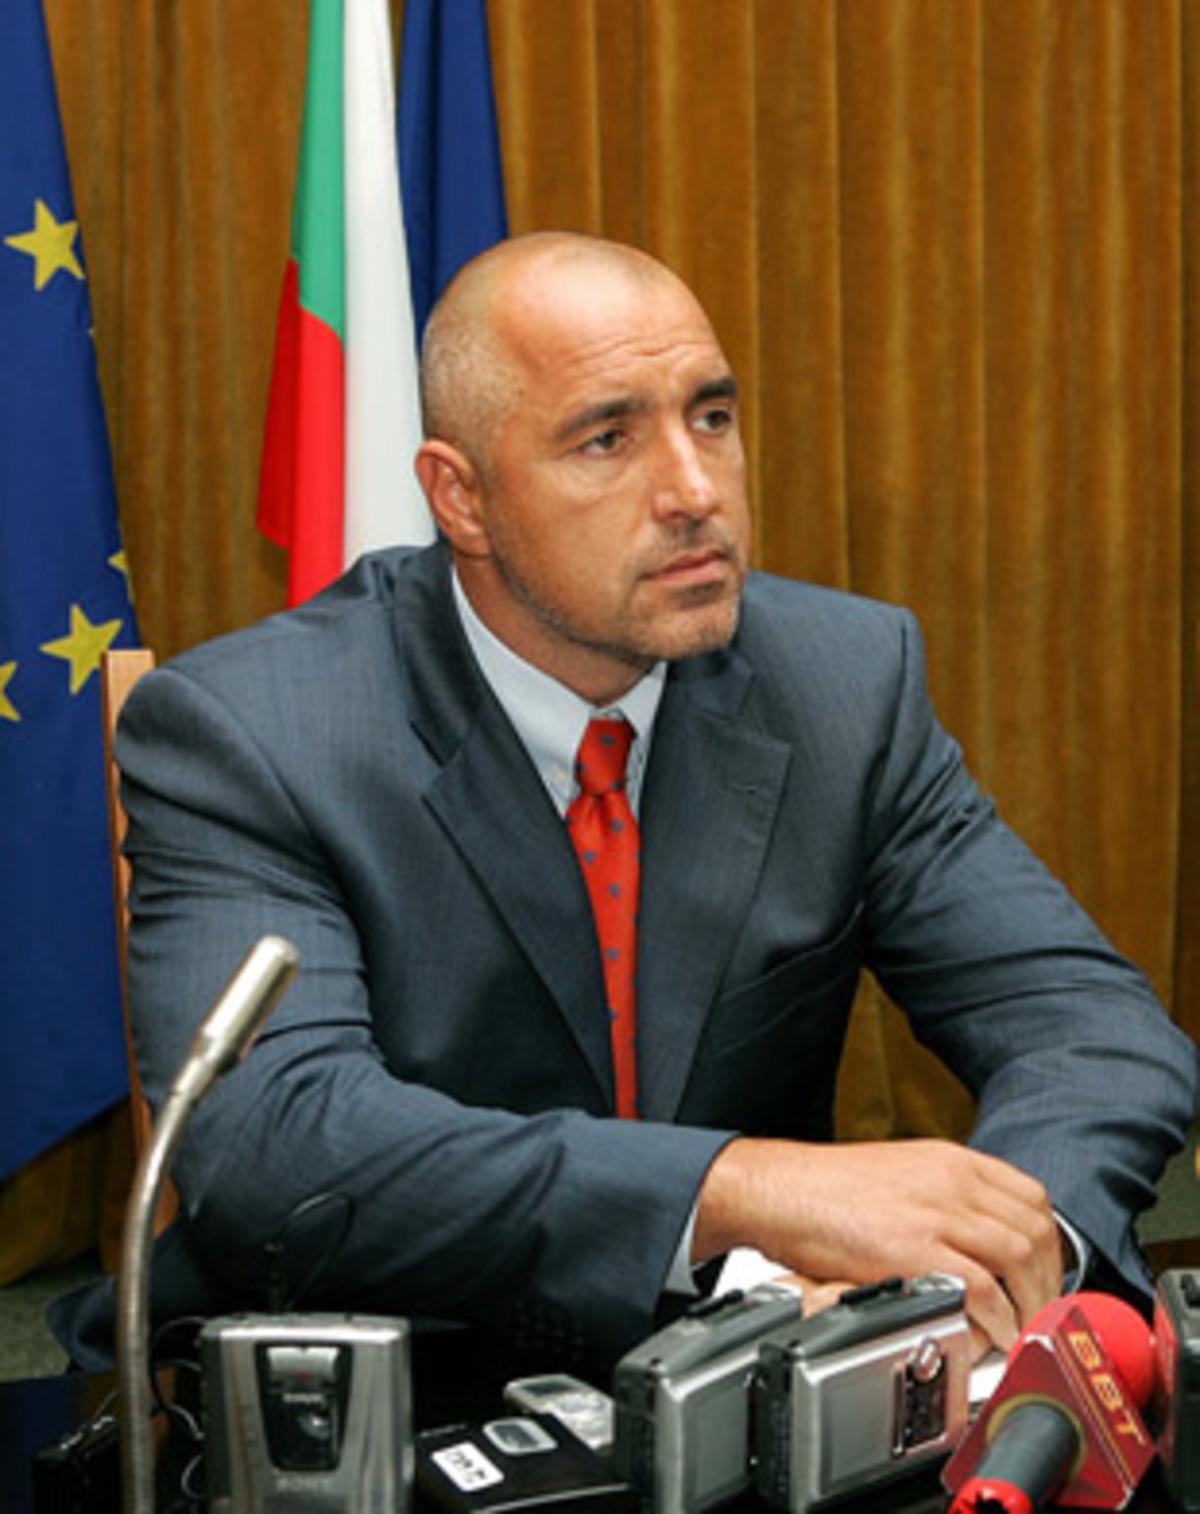 Αγωγή κατά της Ελλάδας από τη Βουλγαρία | Newsit.gr